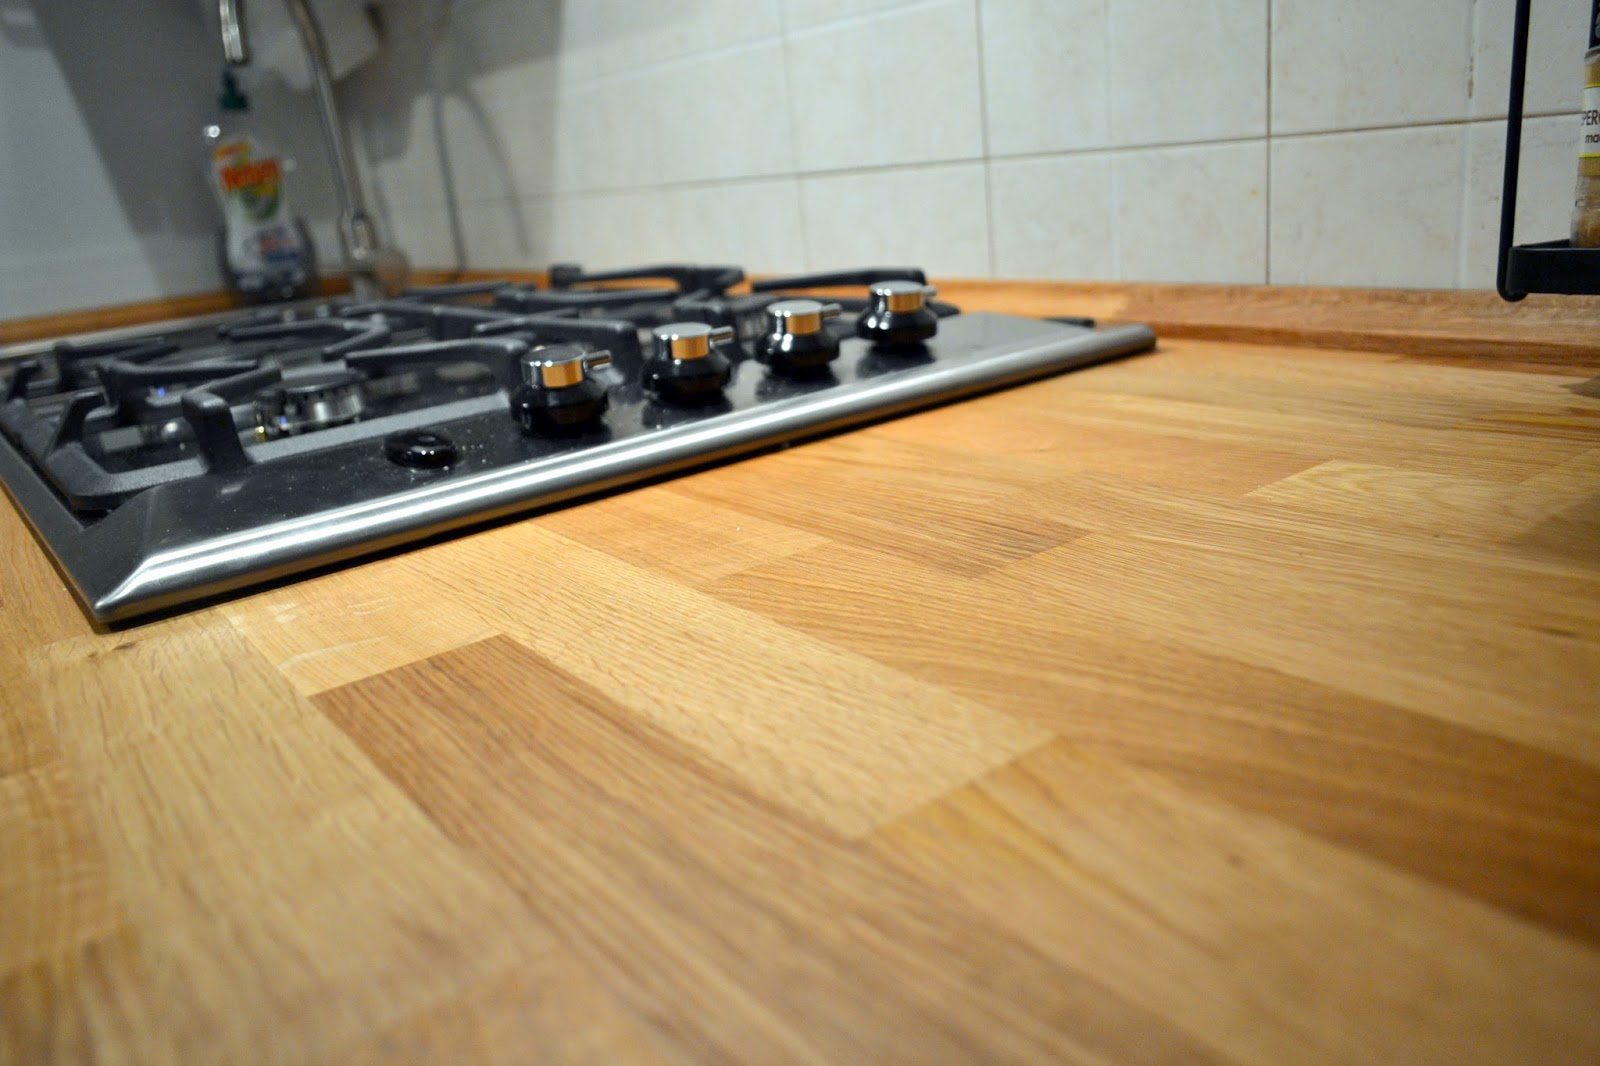 Cucina In Acciaio Ikea | Lavelli In Acciaio Inox E Fragranite A ...